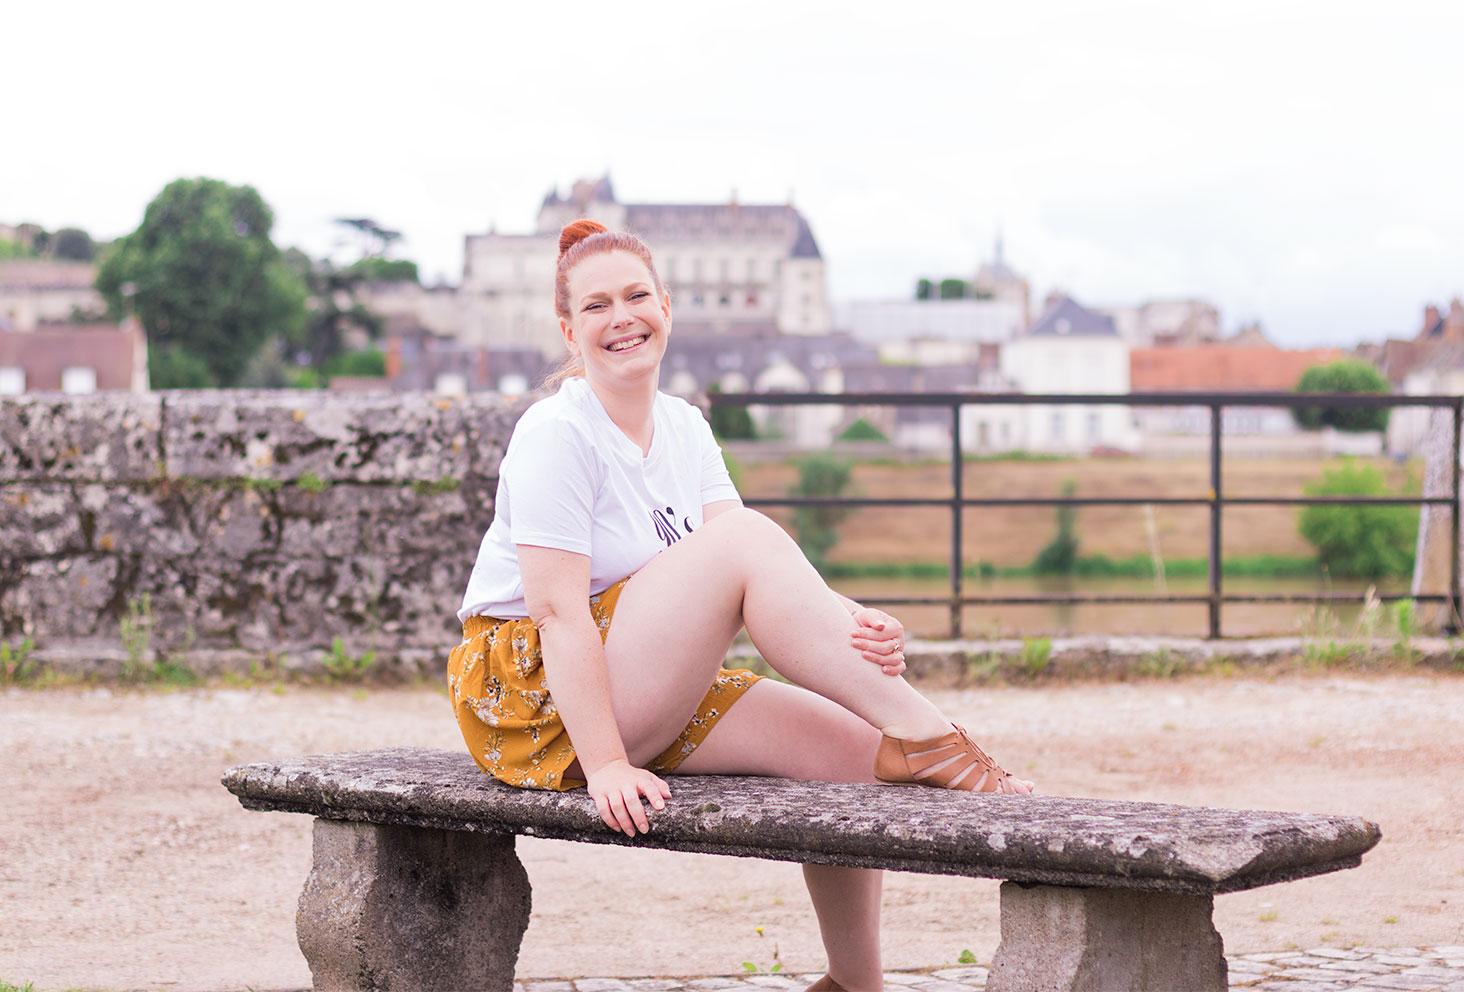 Assise de profil sur un banc avec le château d'Amboise en arrière plan, en look Shein, avec le sourire et un chignon sur la tête